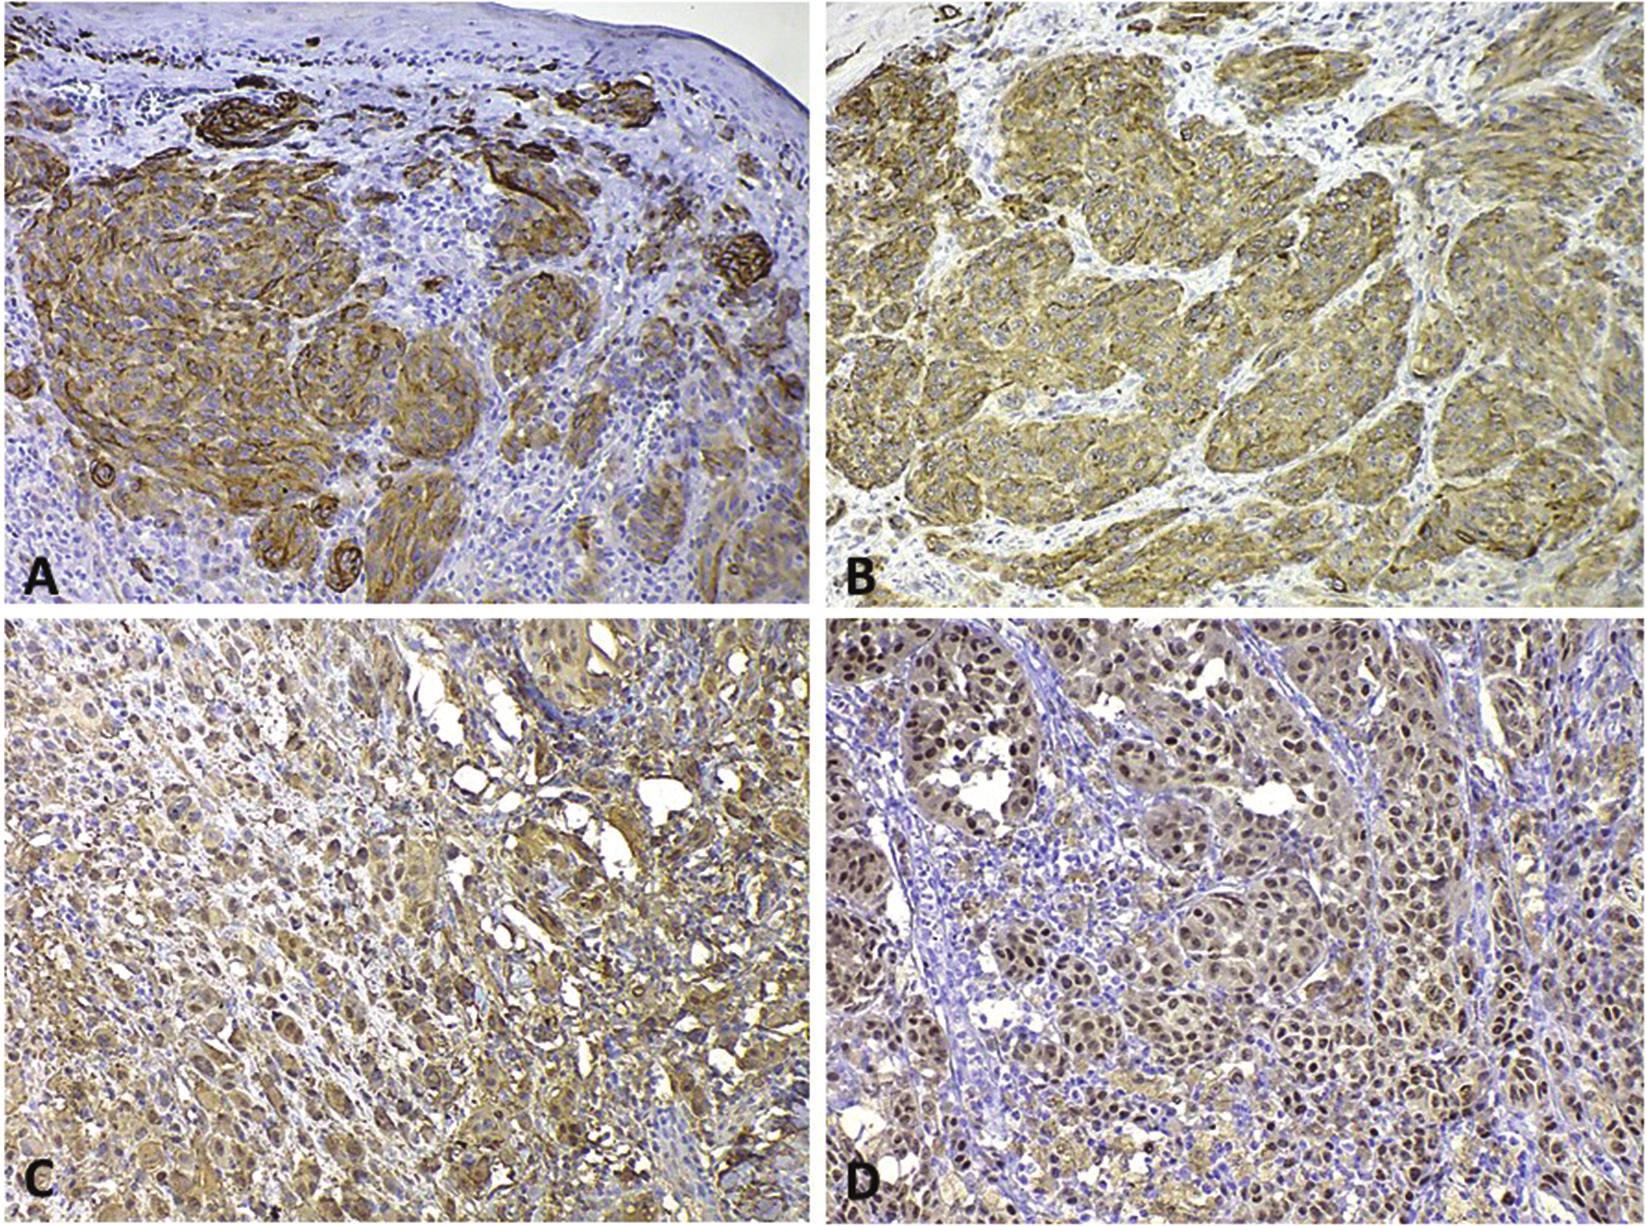 Pozitivita rutinně používaných imunohistochemických biomarkerů v buňkách melanomu A – HMB45 s cytoplazmatickou pozitivitou; B – MelanA/MART-1 s cytoplazmatickou pozitivitou; C – S100 – cytoplazmatická i jaderná pozitivita; D – MiTF – jaderná pozitivita.